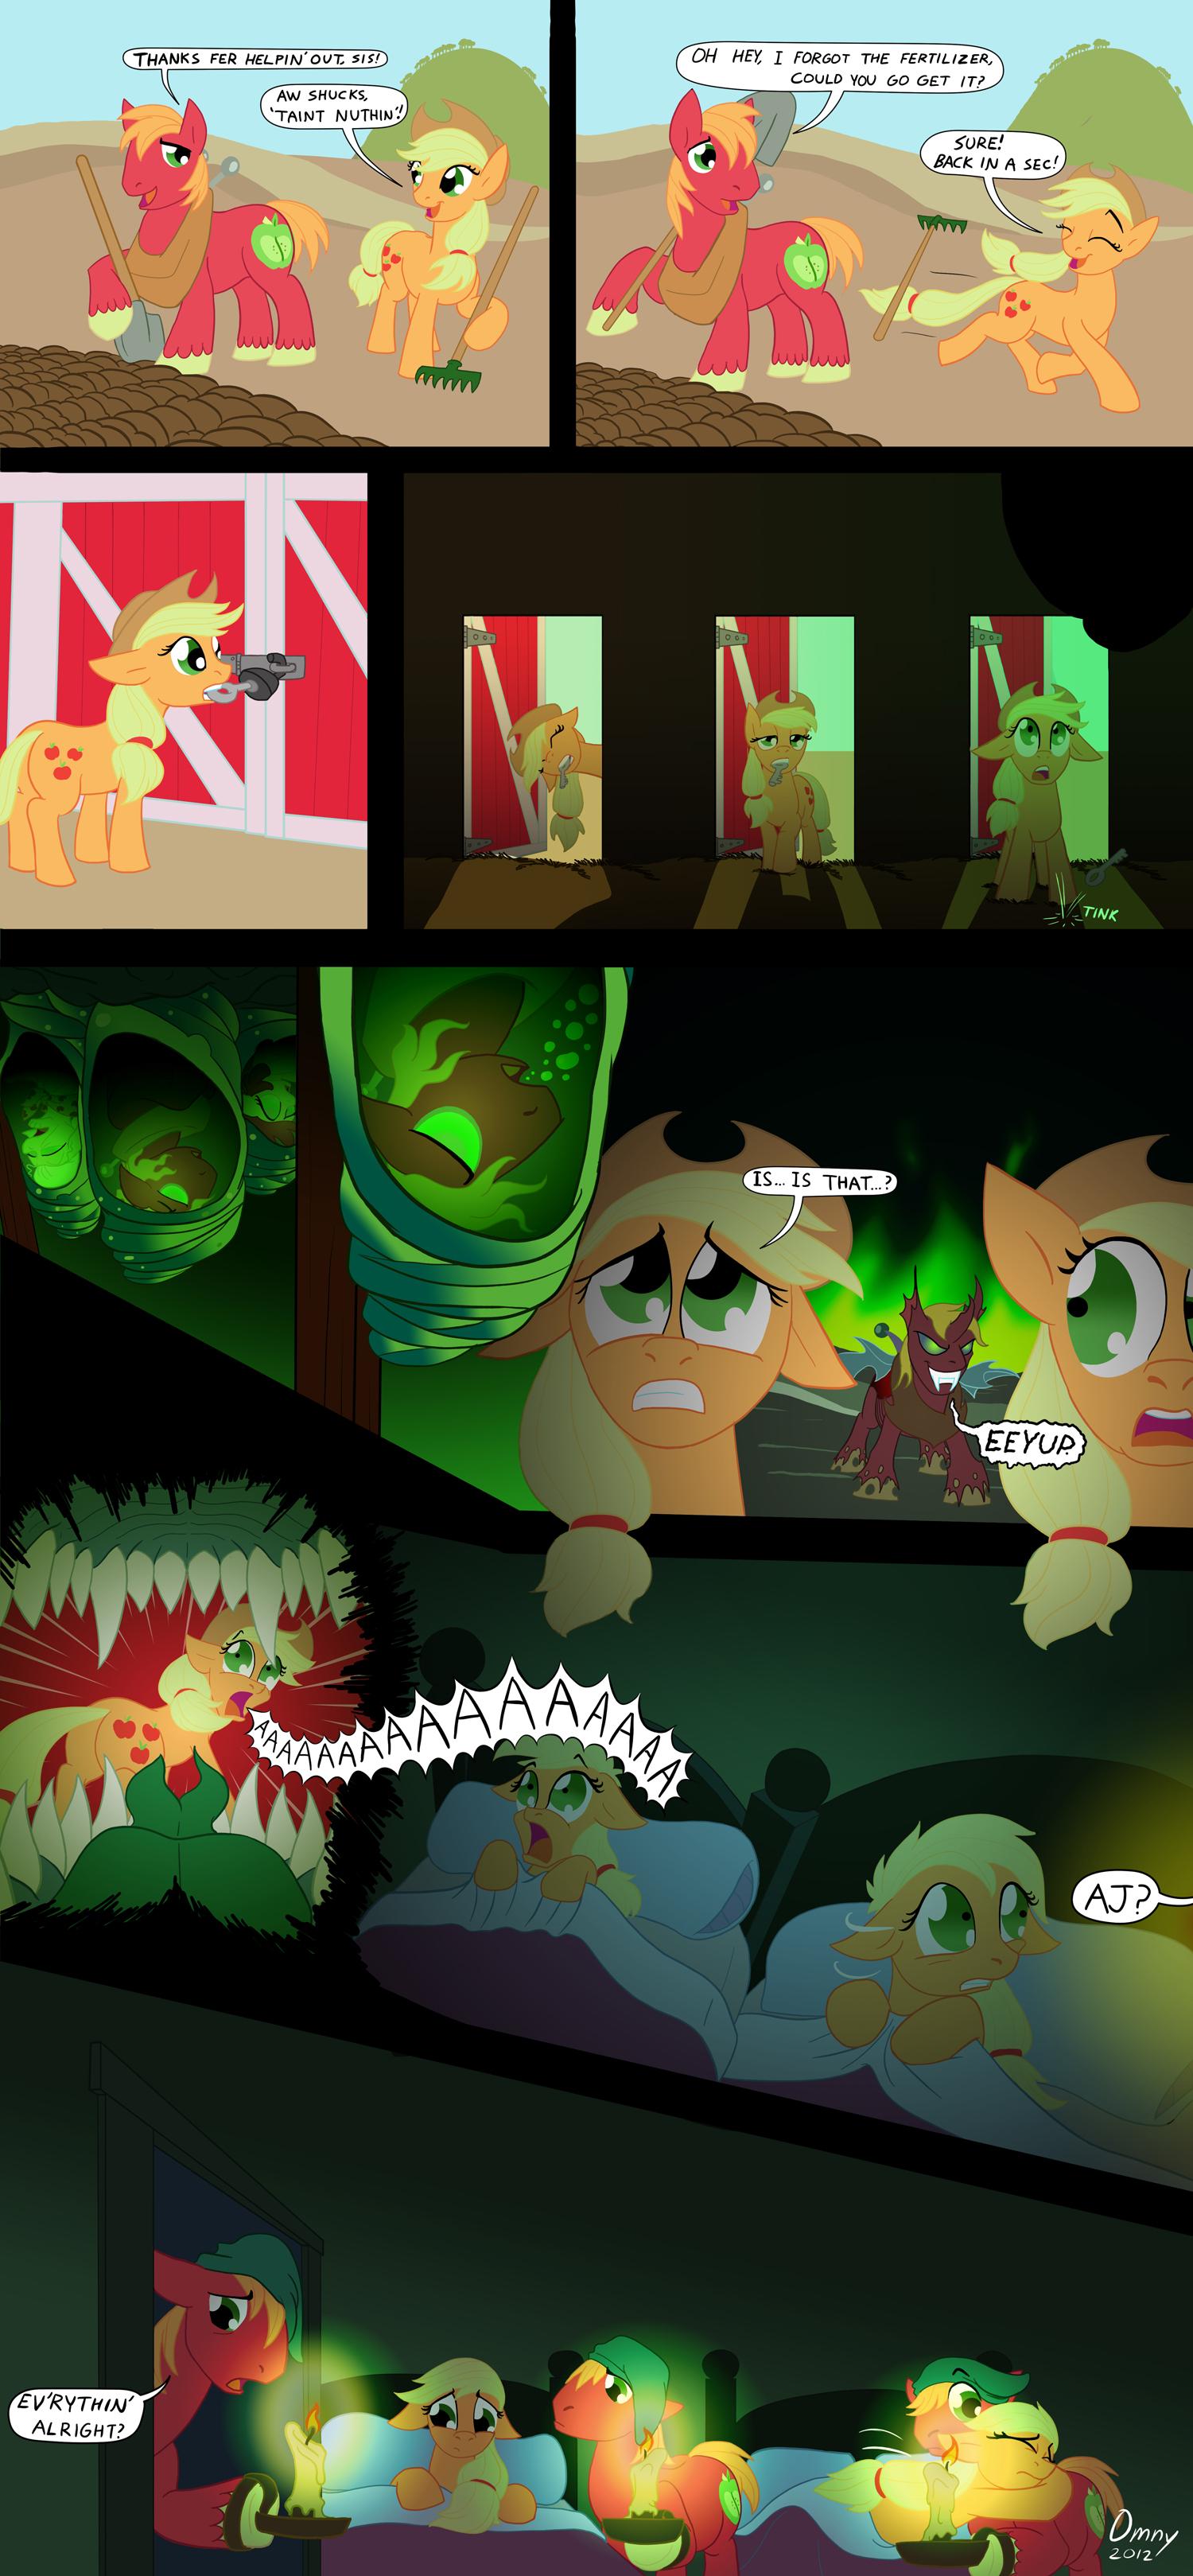 Applejack's Unease